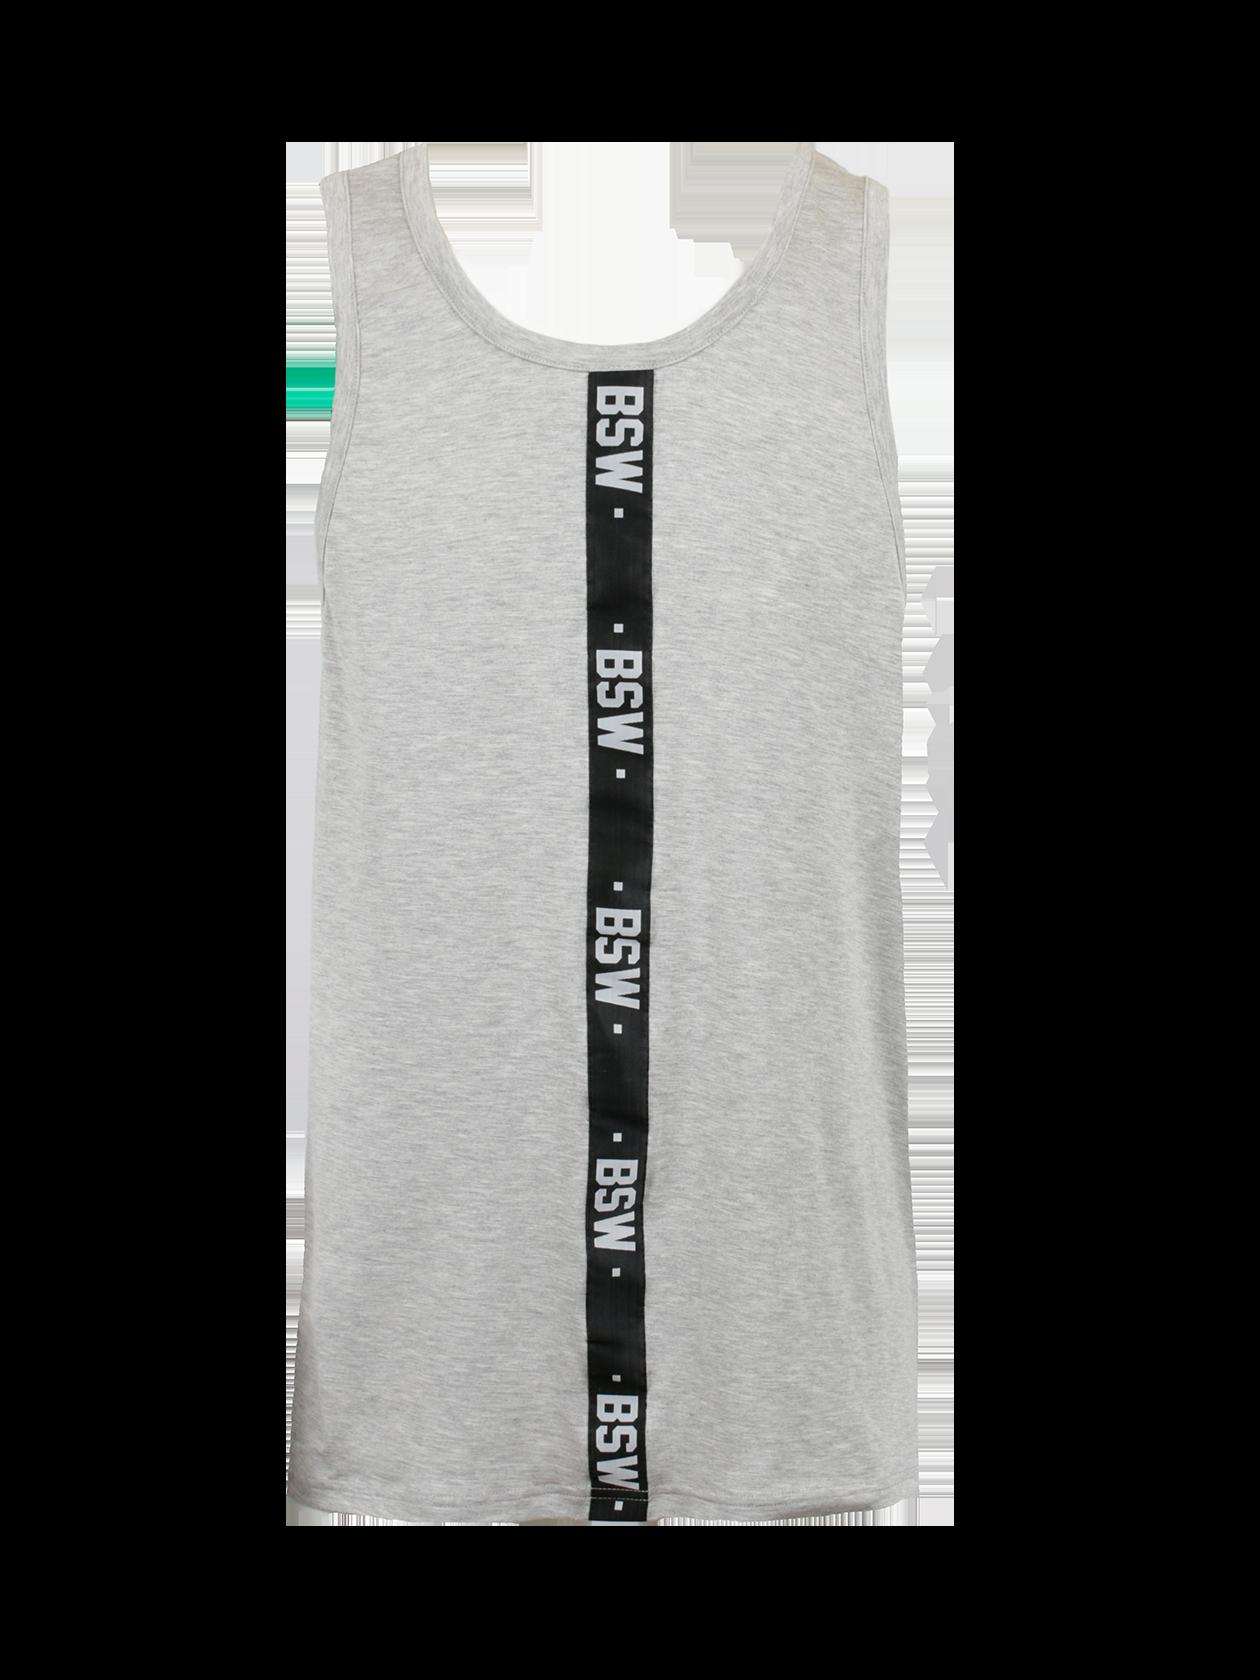 Майка мужская HARAJUKU 2.0Стильная мужская майка Harajuku 2.0 поможет разнообразить повседневный лук. Модель спортивного типа обладает прямым свободным кроем, удлиненным силуэтом. Изделие представлено в базовых белой и черной расцветках, отлично сочетающихся с всевозможной одеждой и обувью. Дизайн дополнен черными вертикальными вставками с надписями BSW, оформленными по центру фронтальной и тыльной стороны. Майка сшита из натурального хлопка премиального качества, идеально подходит для спорта и отдыха.<br><br>Размер: XL<br>Цвет: Серый меланж<br>Пол: Мужской